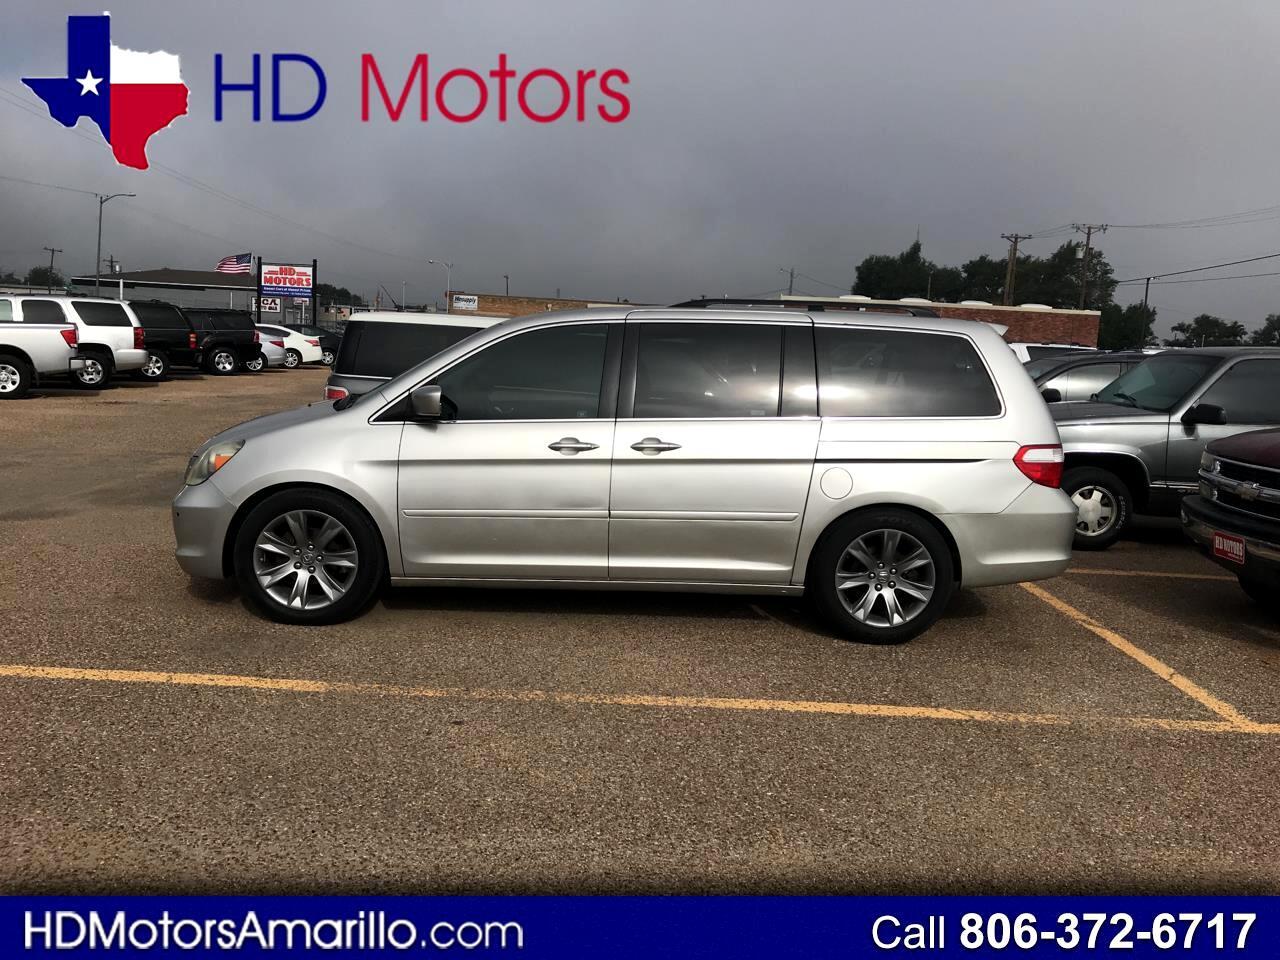 2007 Honda Odyssey 5dr Touring w/RES